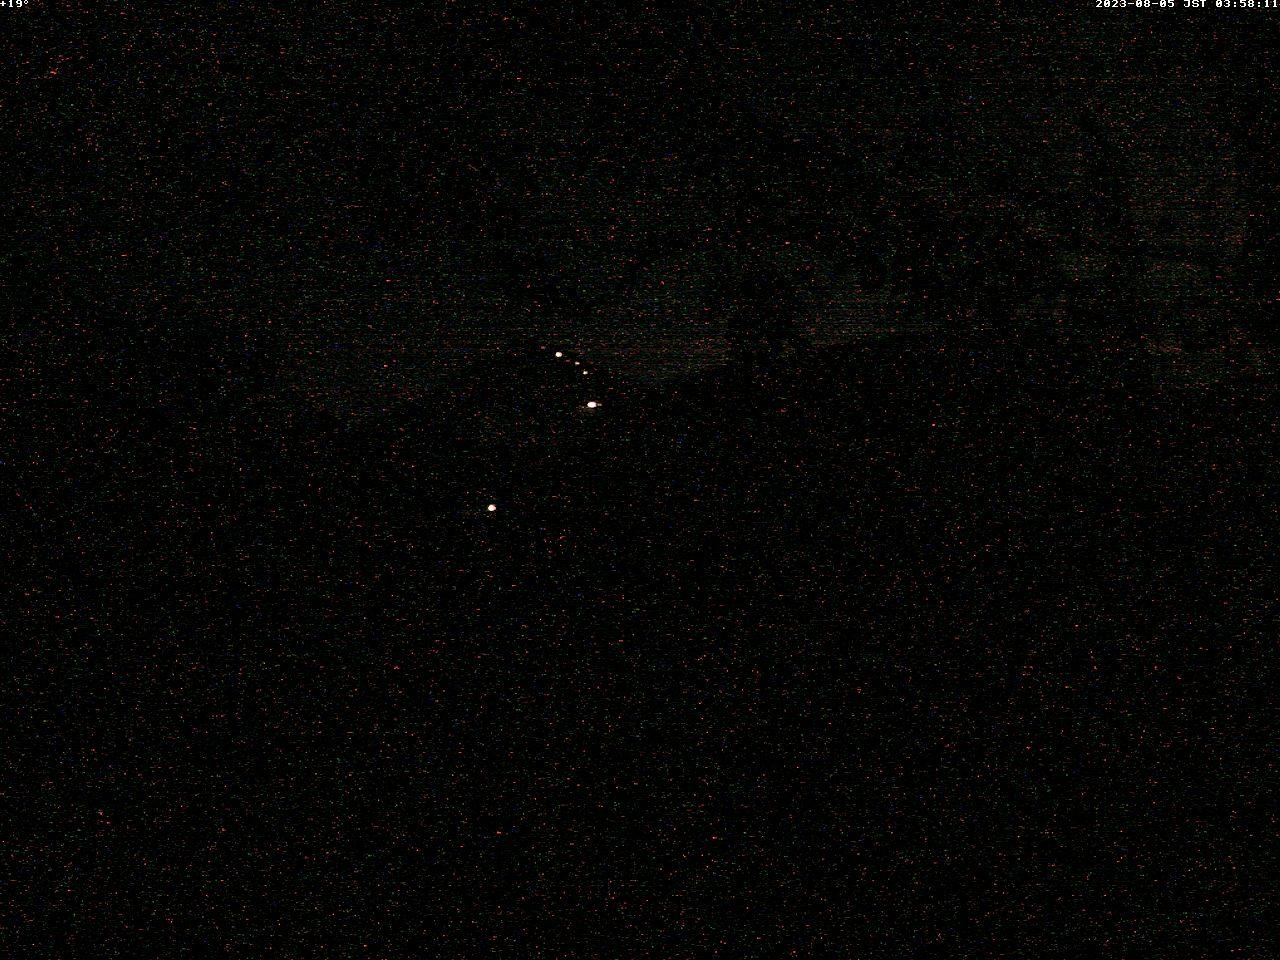 富士五湖カメラ(音楽合宿カメラ)